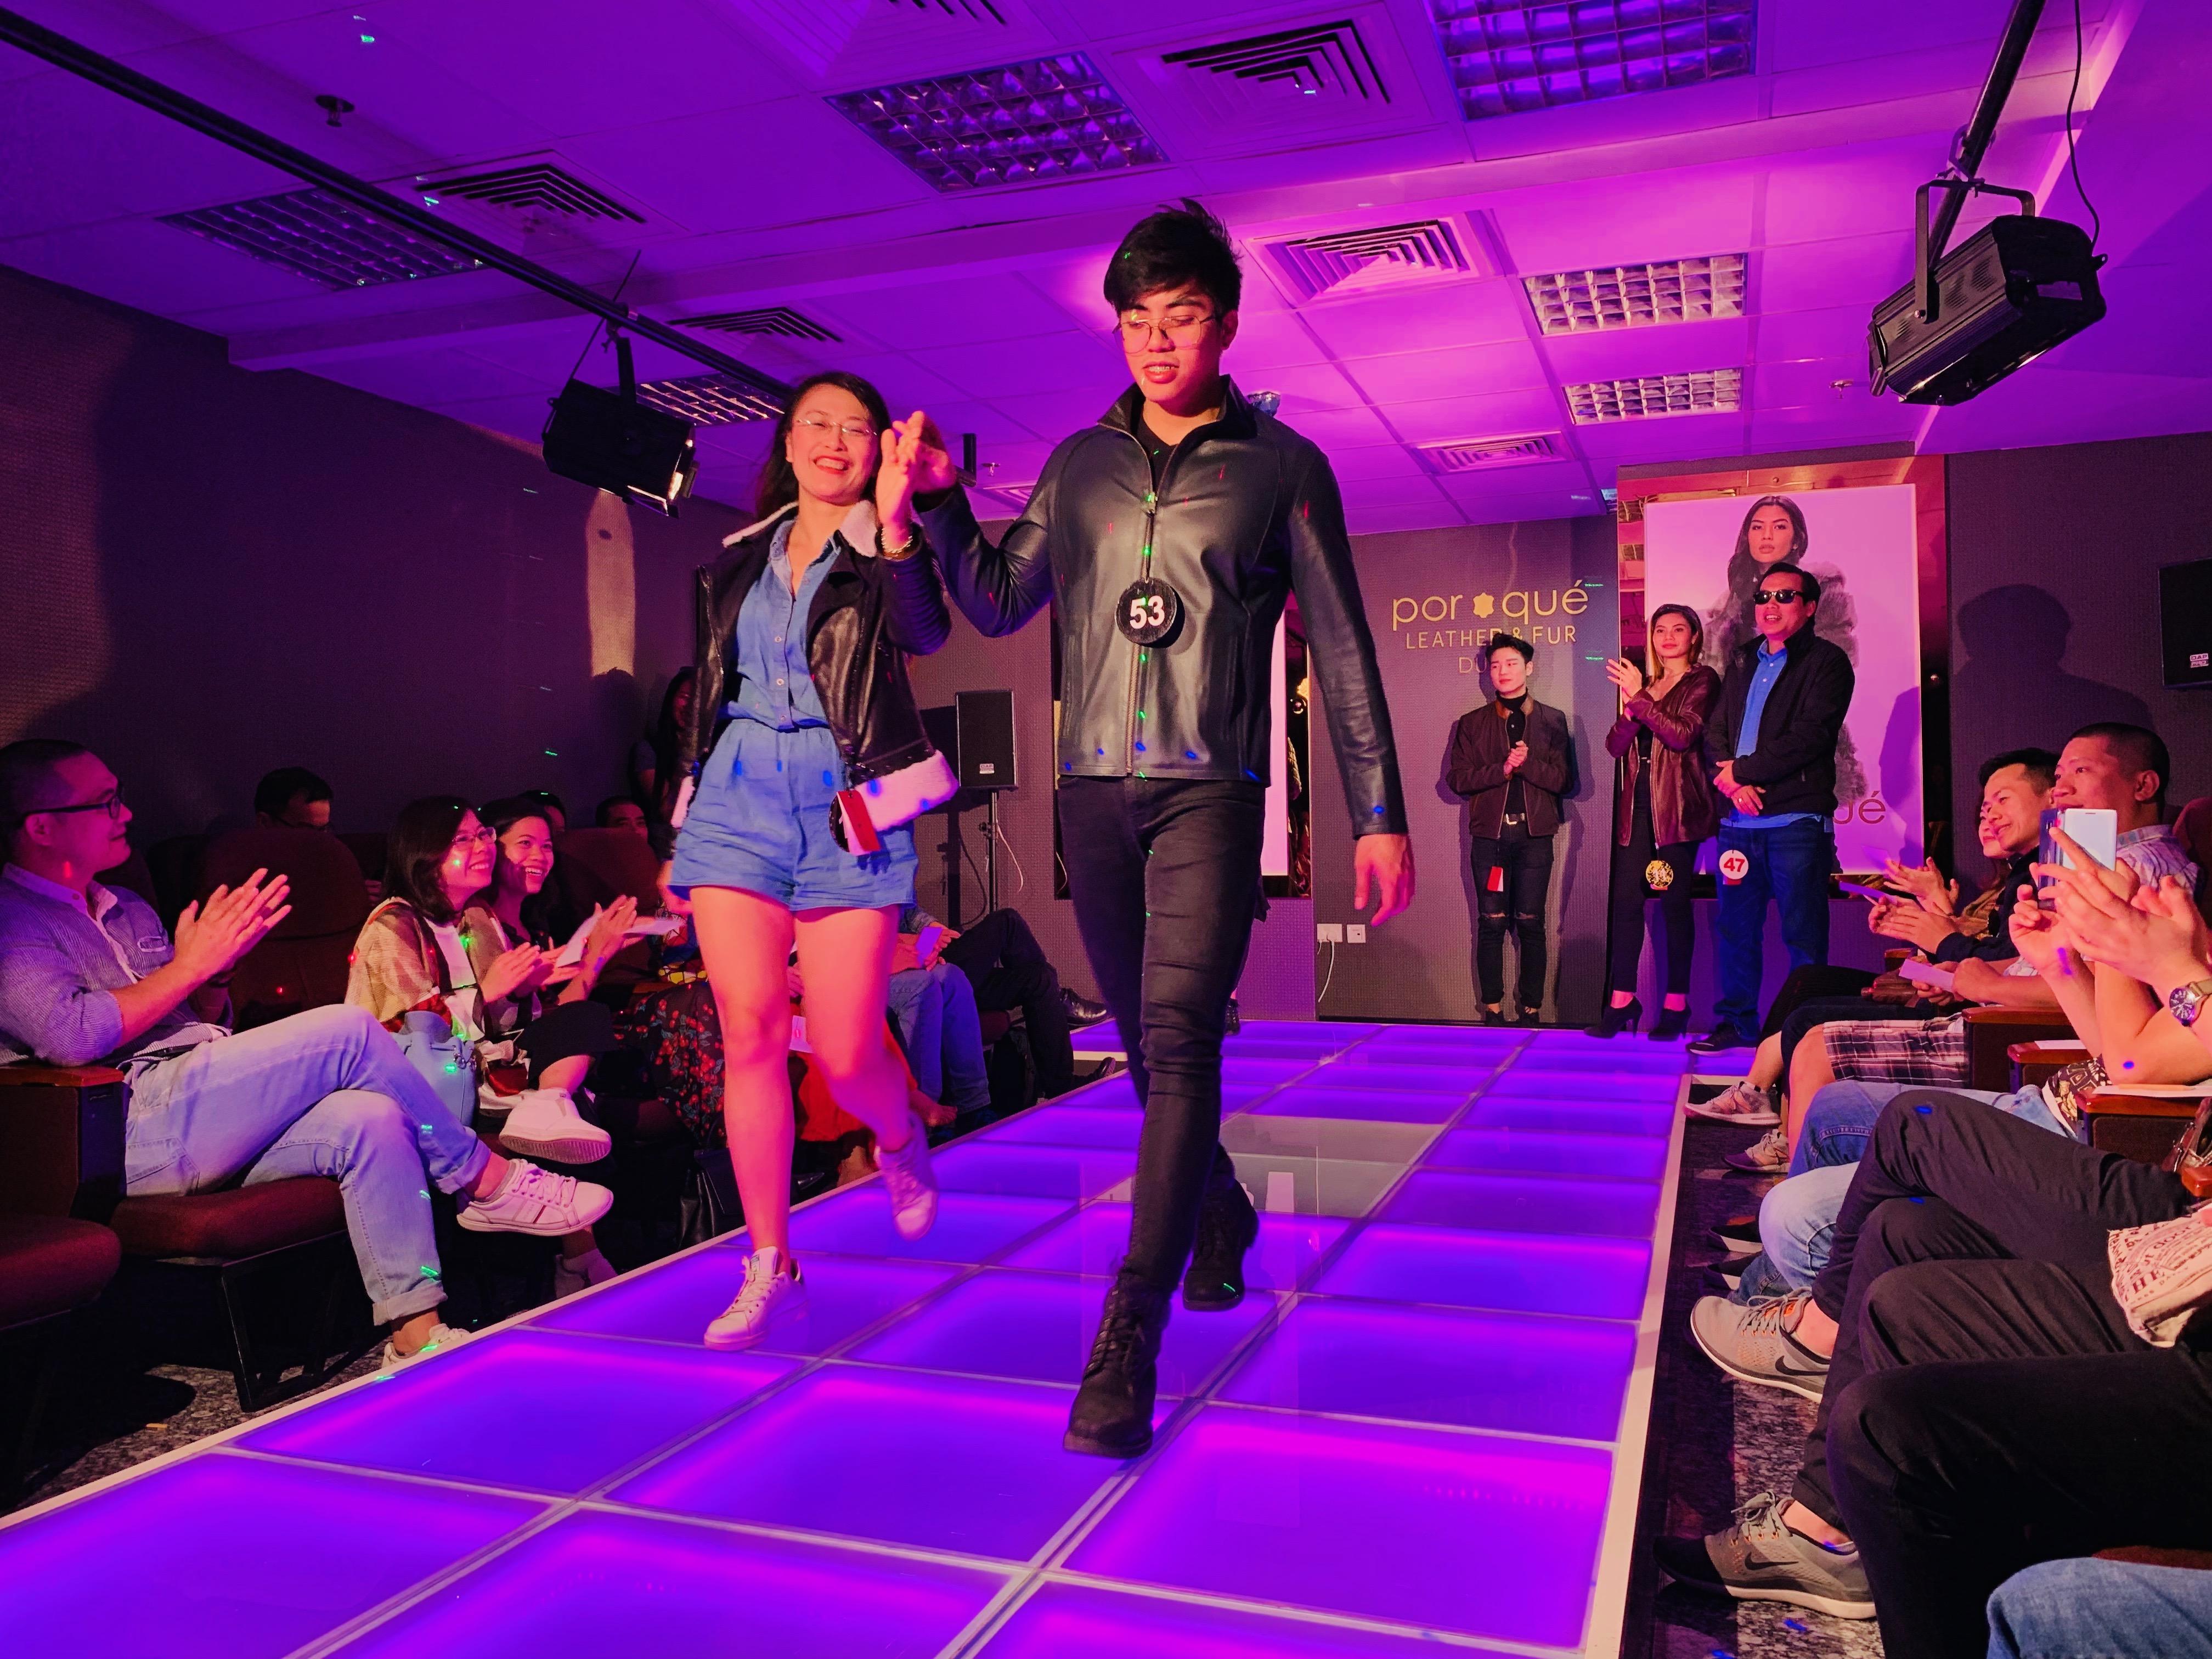 Tại trung tâm thời trang đồ da hàng hiệu danh tiếng Por-Qué, các thành viên trong đoàn chiêm ngưỡng những sản phẩm chất lượng và sang trọng nhất của nhãn hàng.